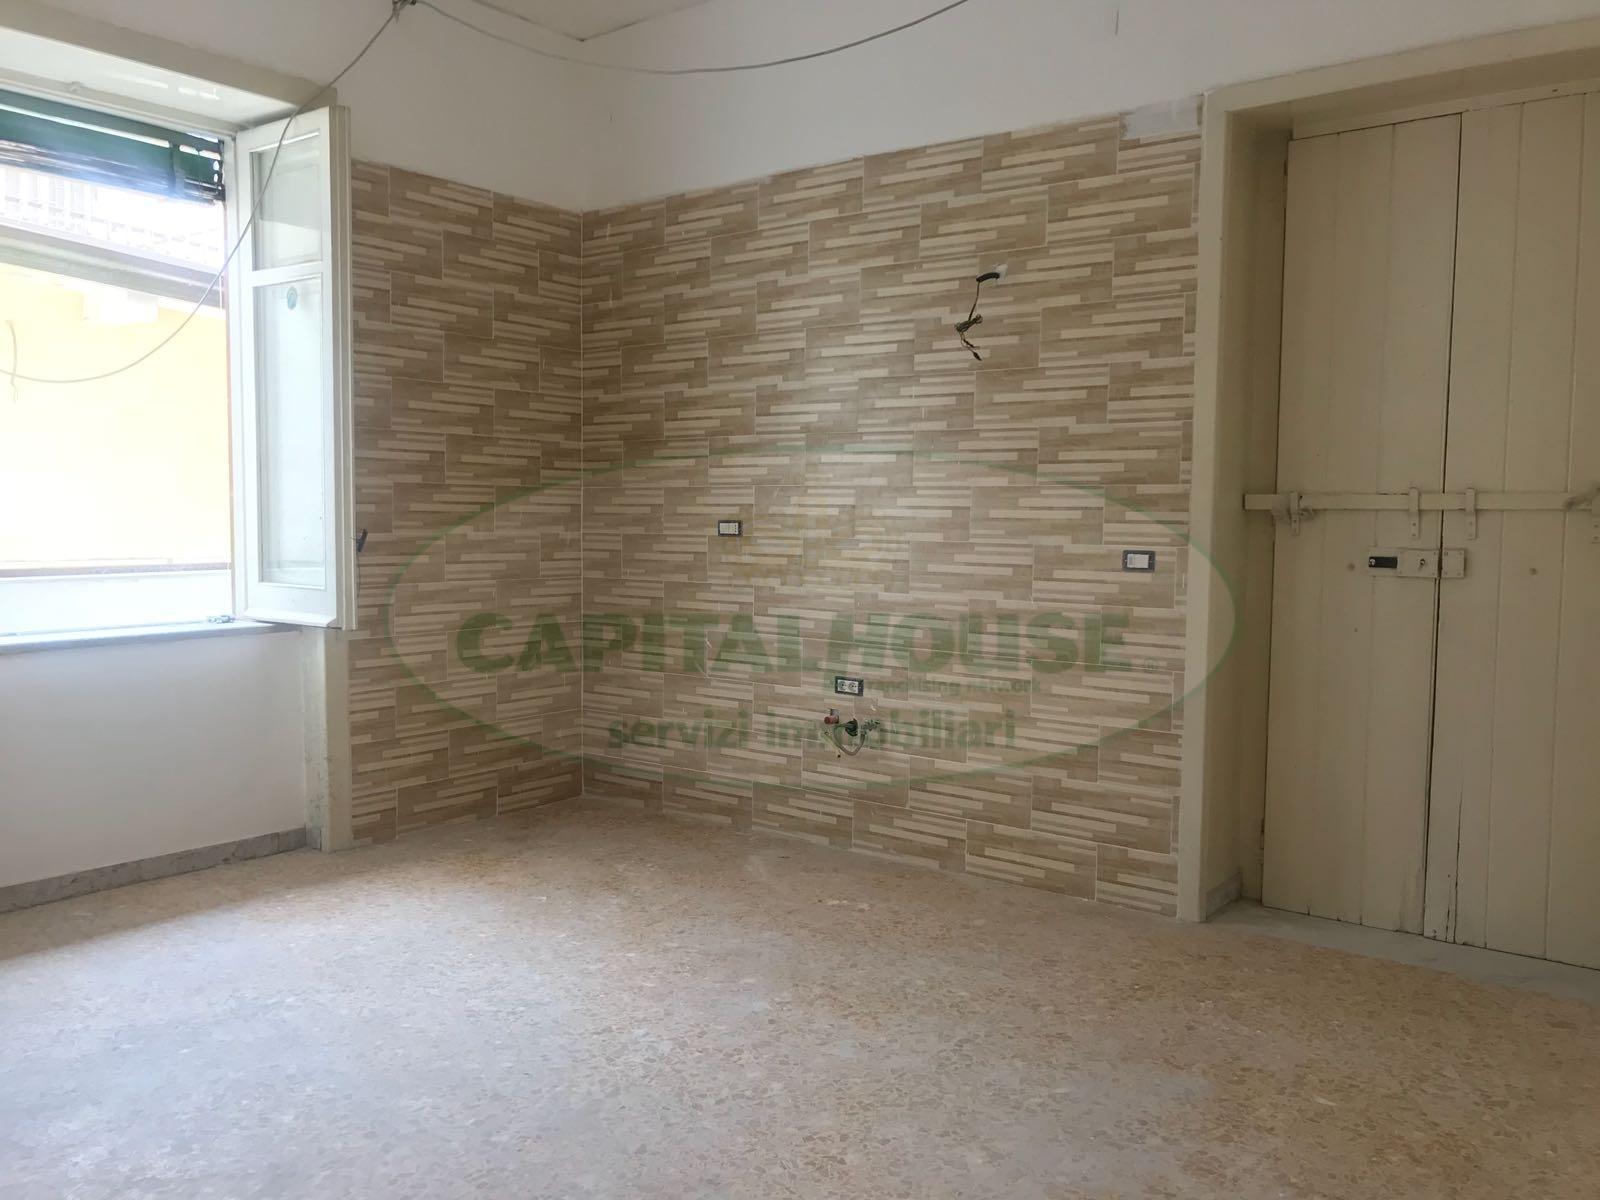 Appartamento in affitto a Afragola, 2 locali, zona Località: CampoSportivo, prezzo € 400 | CambioCasa.it